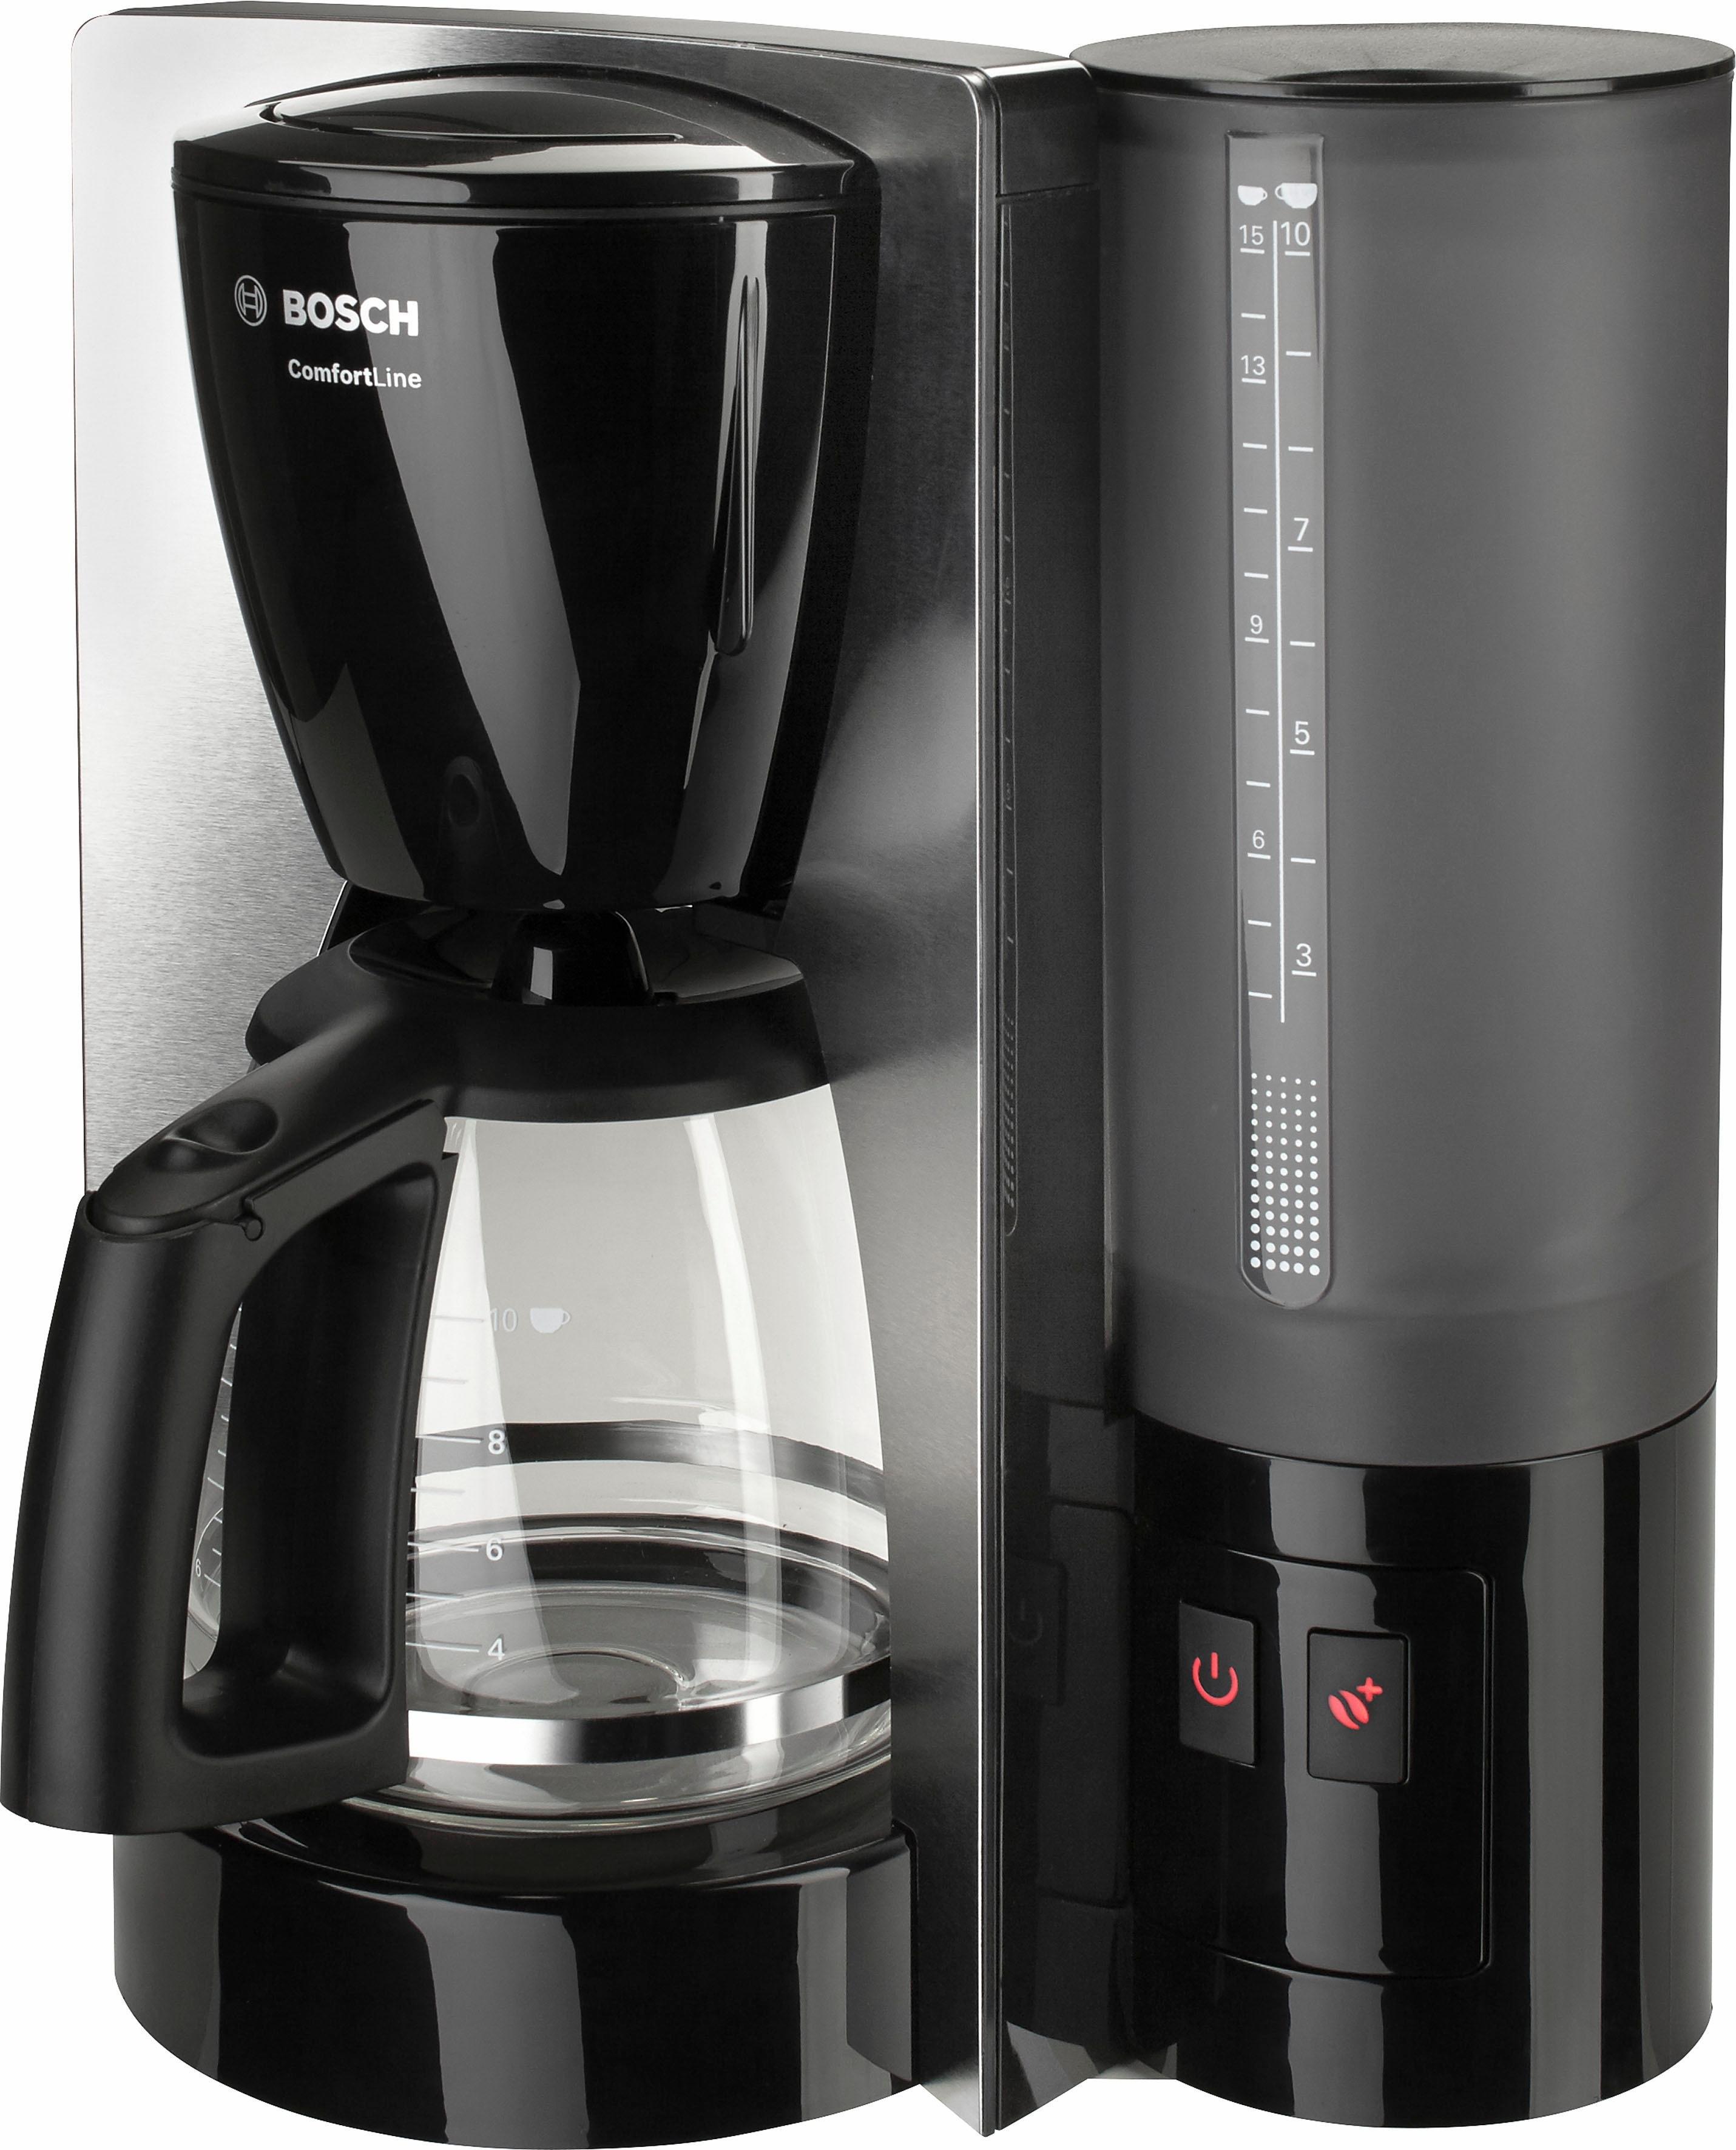 Bosch Koffiezetapparaat ComfortLine TKA6A643, met glazen kan, zwart/edelstaal nu online kopen bij OTTO